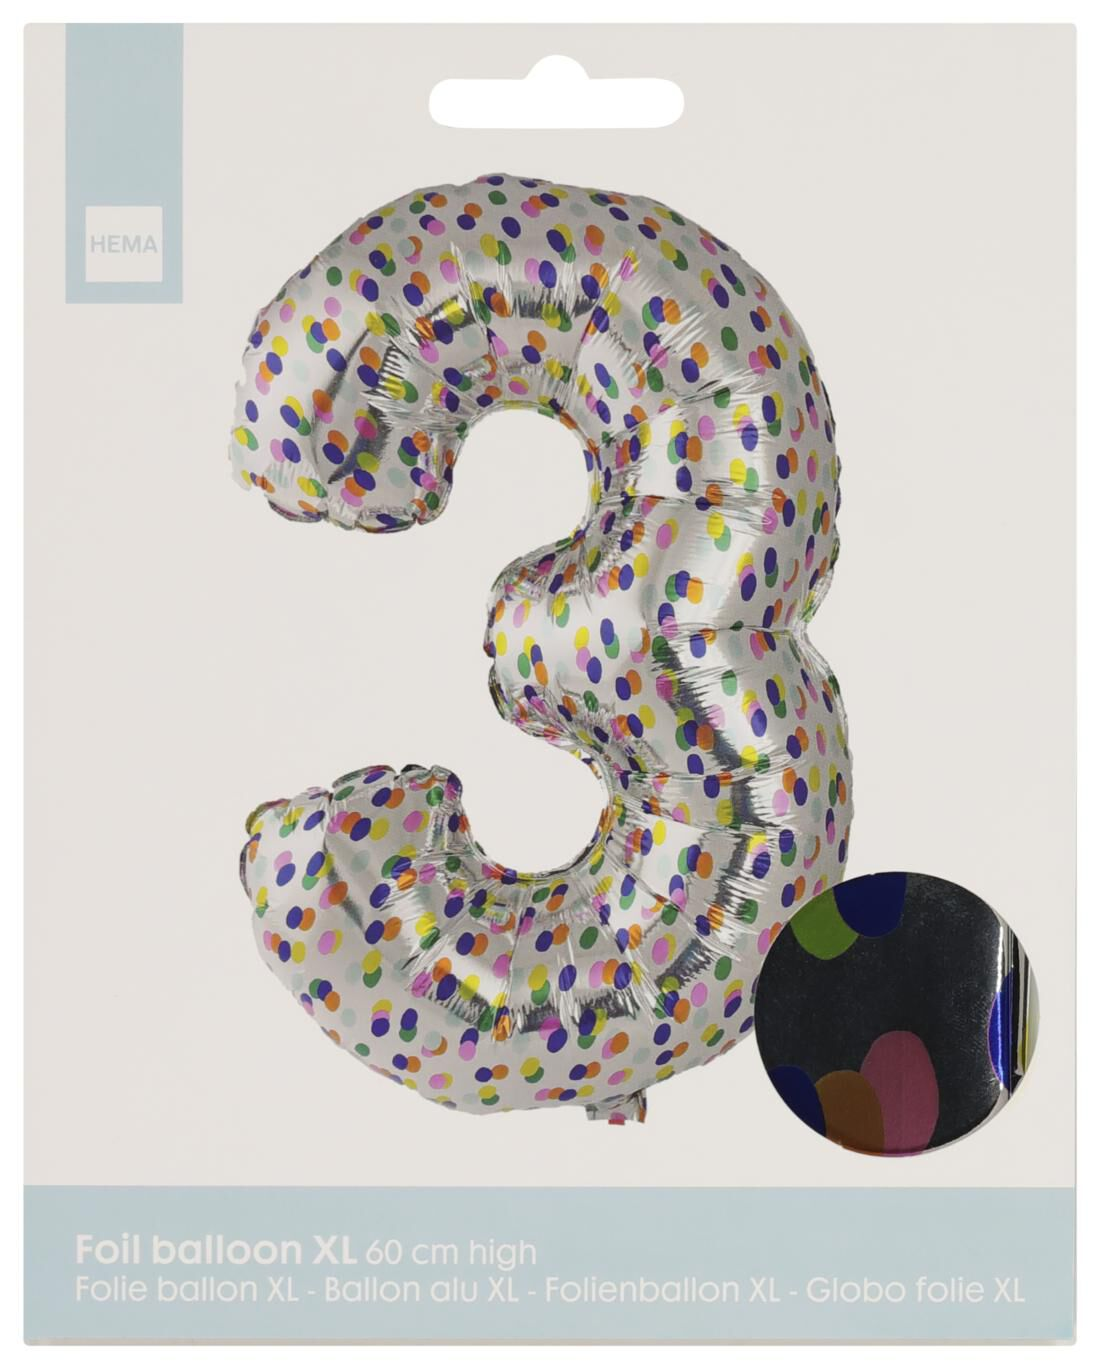 HEMA Folieballon XL Cijfer 3 - Confetti (multi)